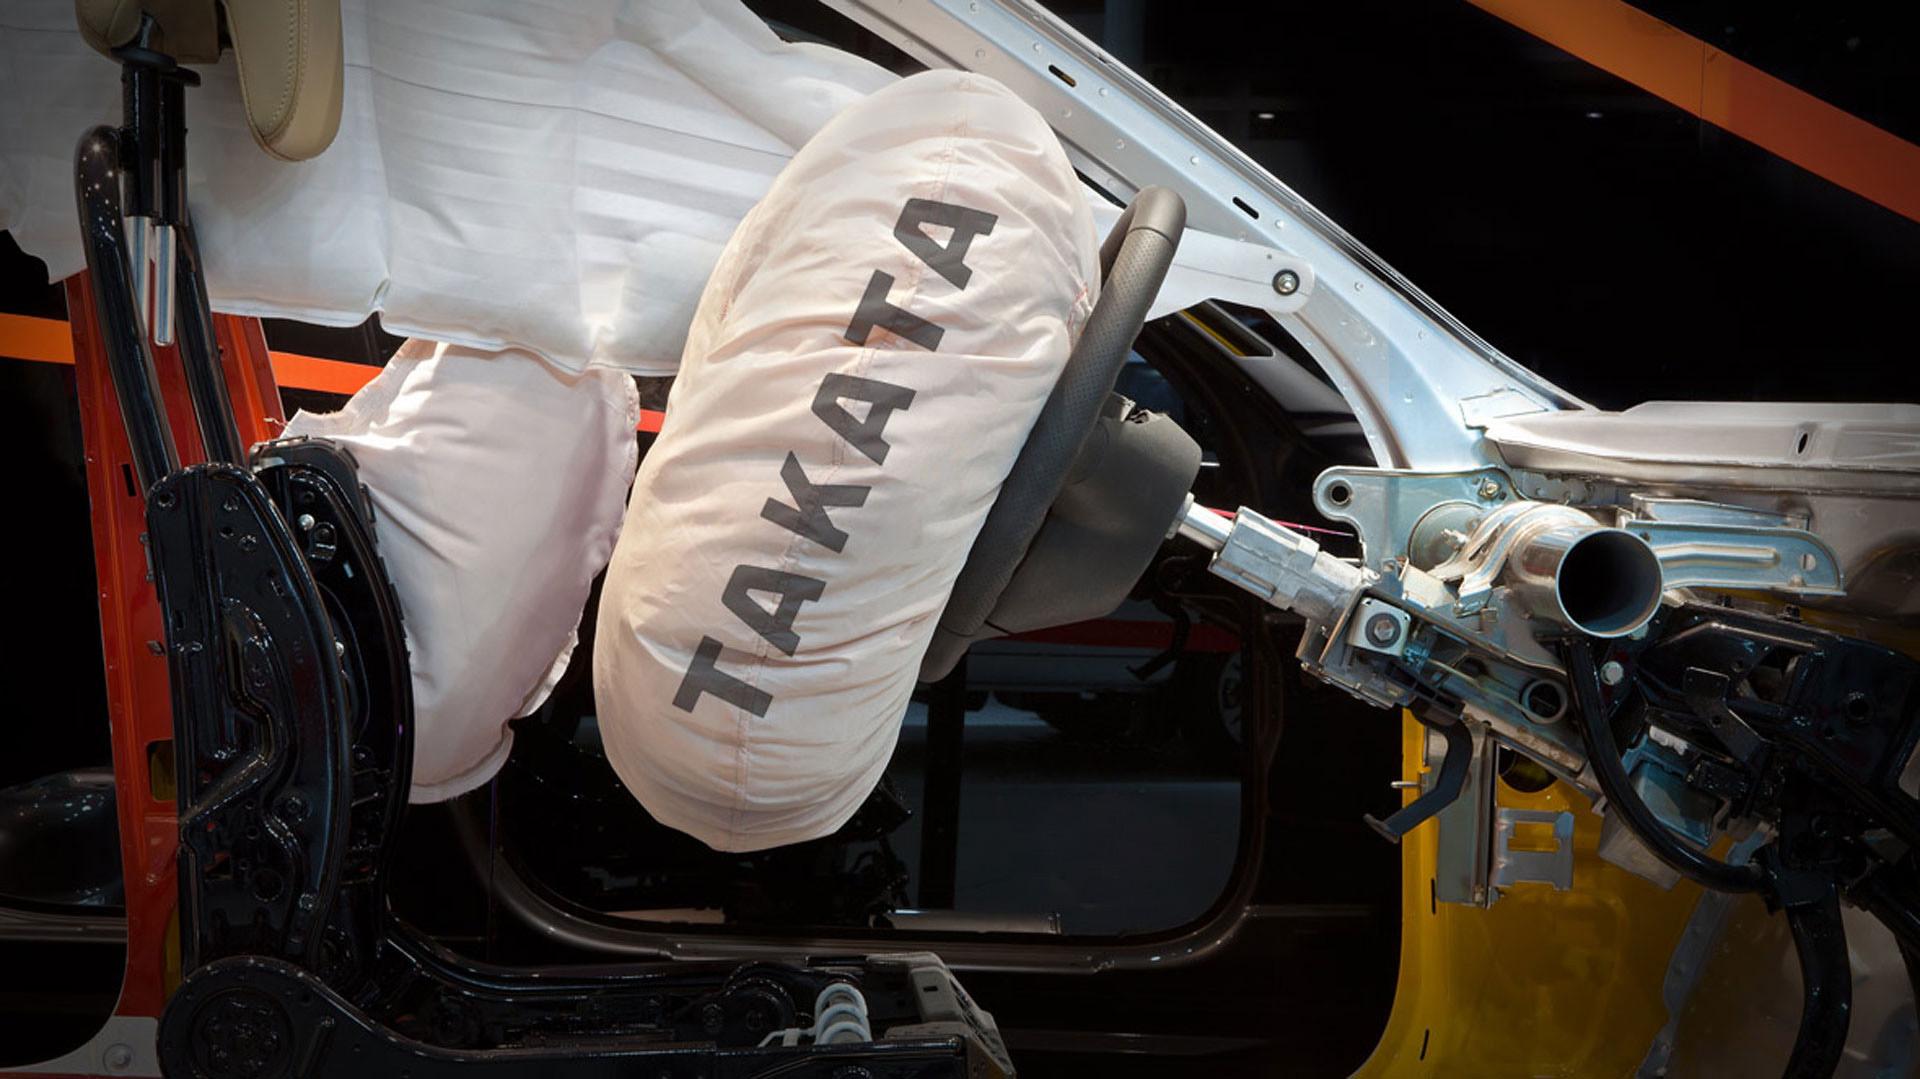 Alerta por airbags mortales: tras un caso fatal en Brasil, Honda aún busca  en la Argentina 50 mil autos para su revisión - Infobae